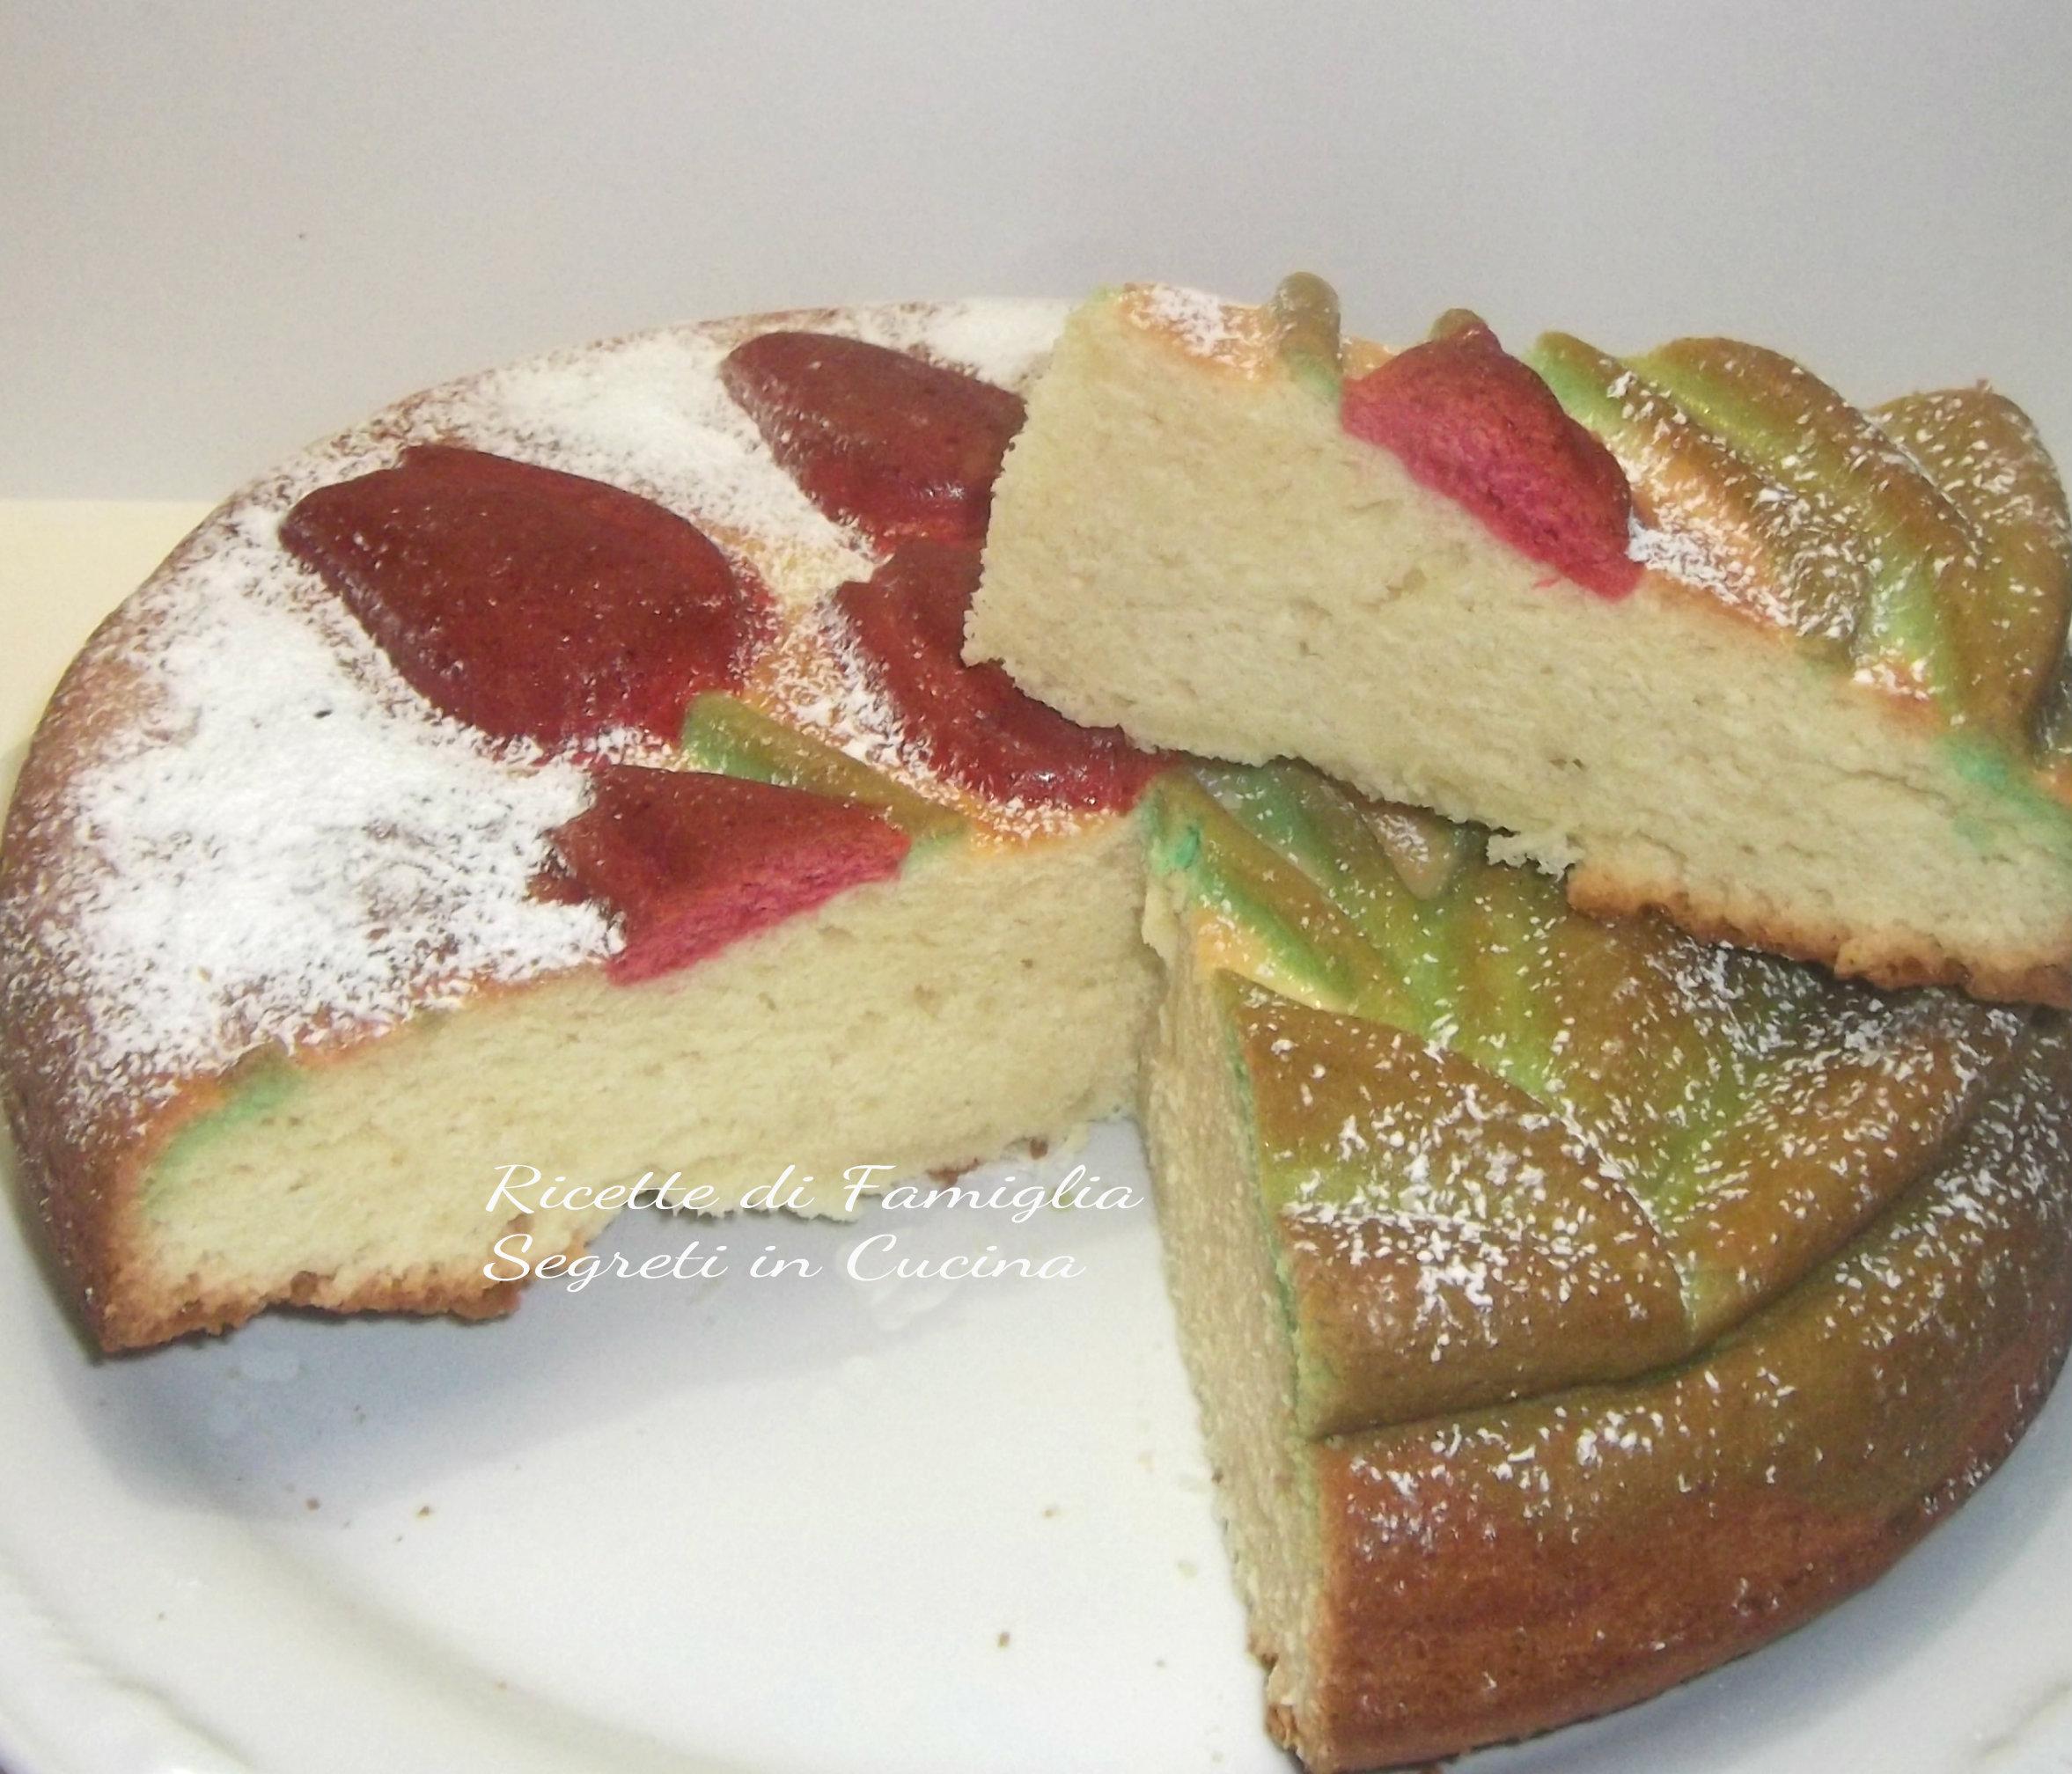 torta tulipano ricette di famiglia segreti in cucina